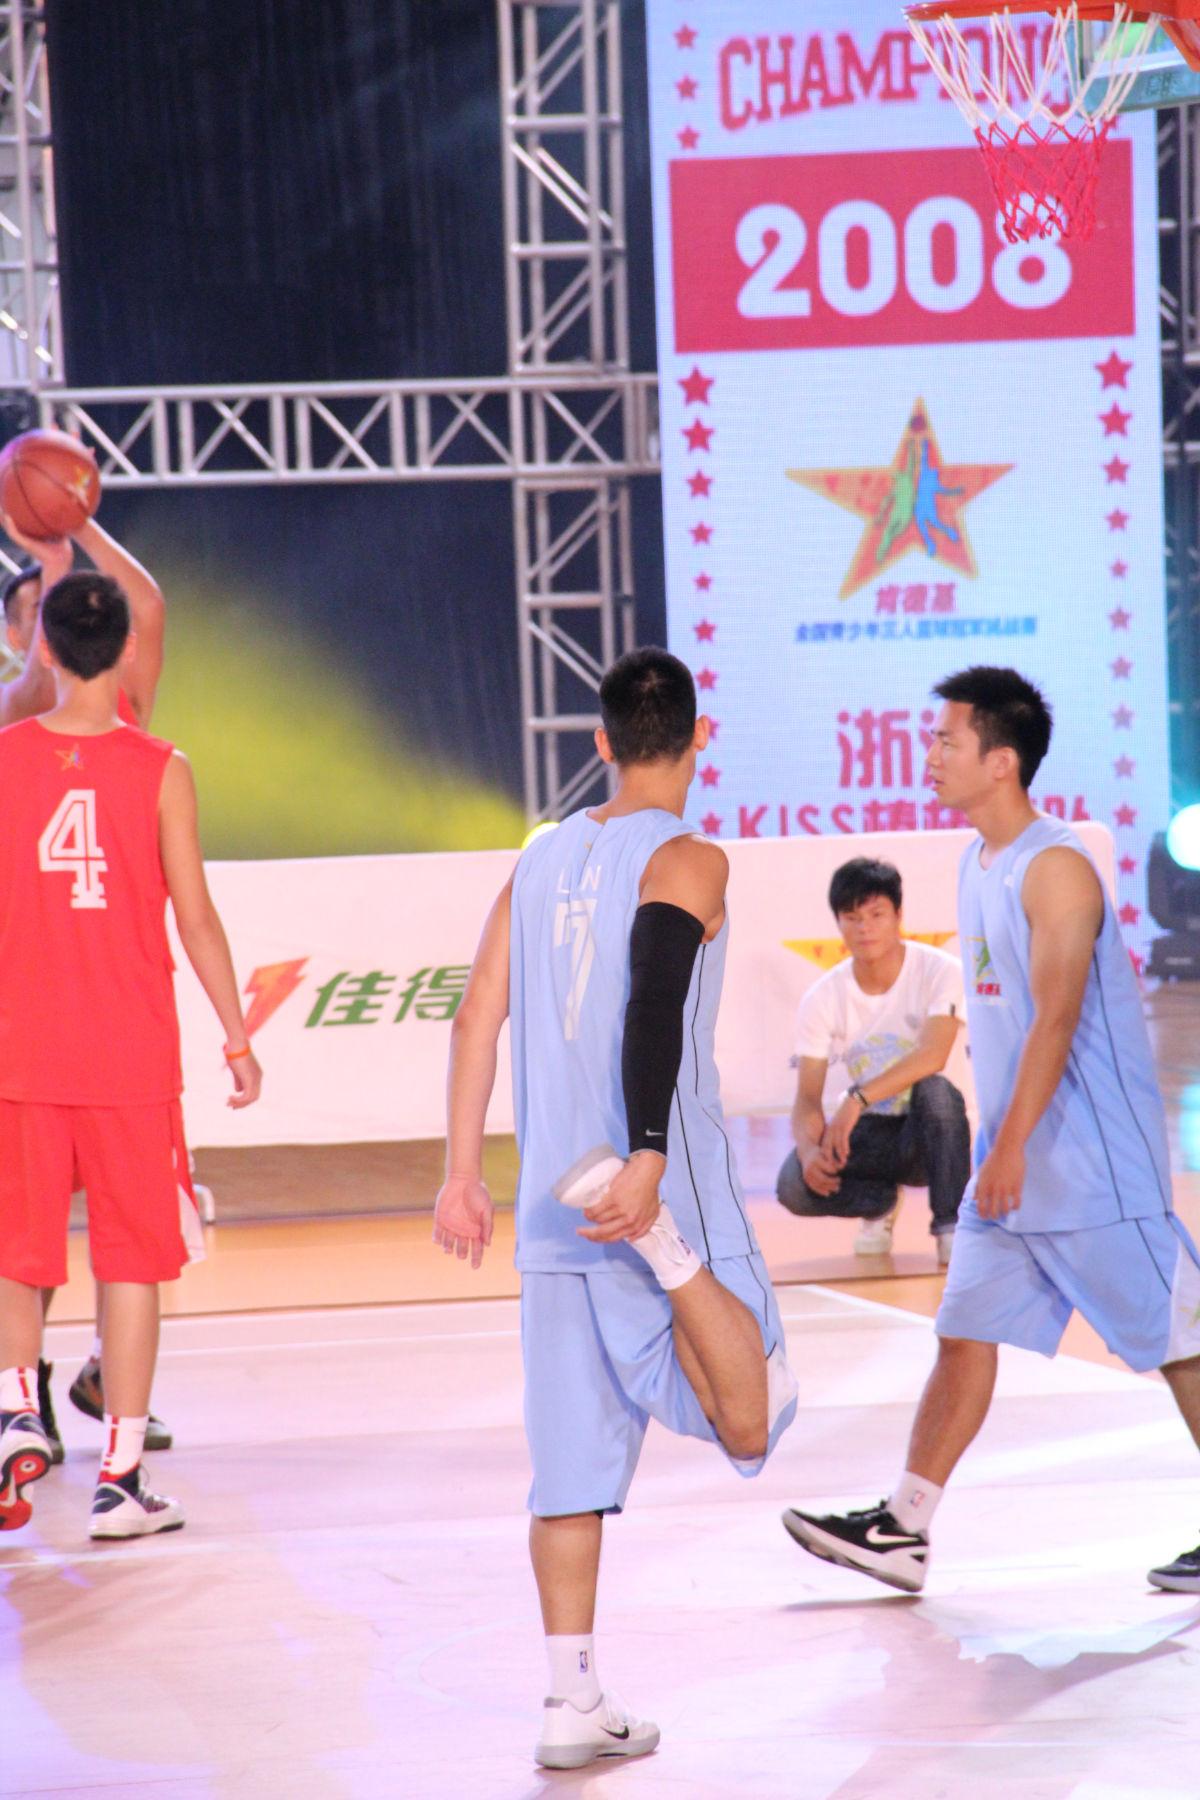 林書豪 肯德基3人籃球 24